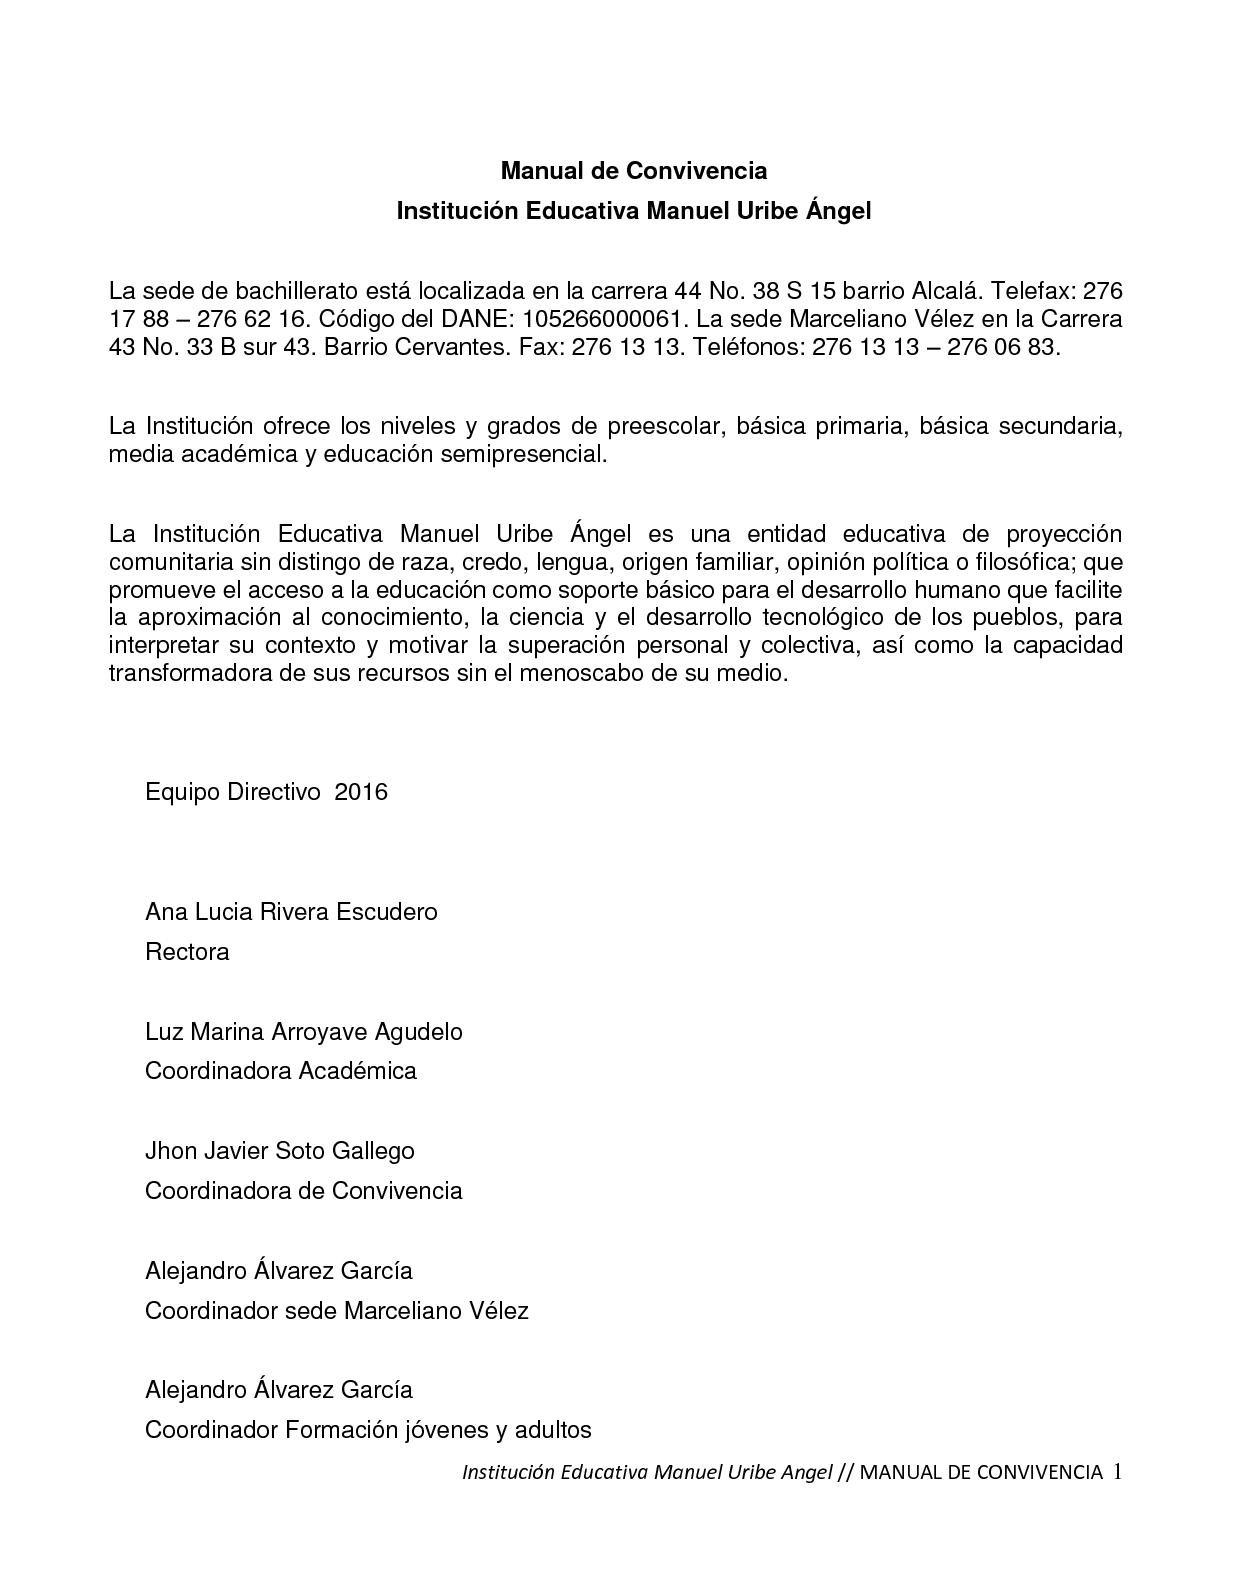 Calendario 2019 Escolar Secundaria Más Reciente Calaméo Manual De Convivencia Mua 2017 Of Calendario 2019 Escolar Secundaria Recientes Impresionante 42 Ilustraci³n 1997 Calendario 2019